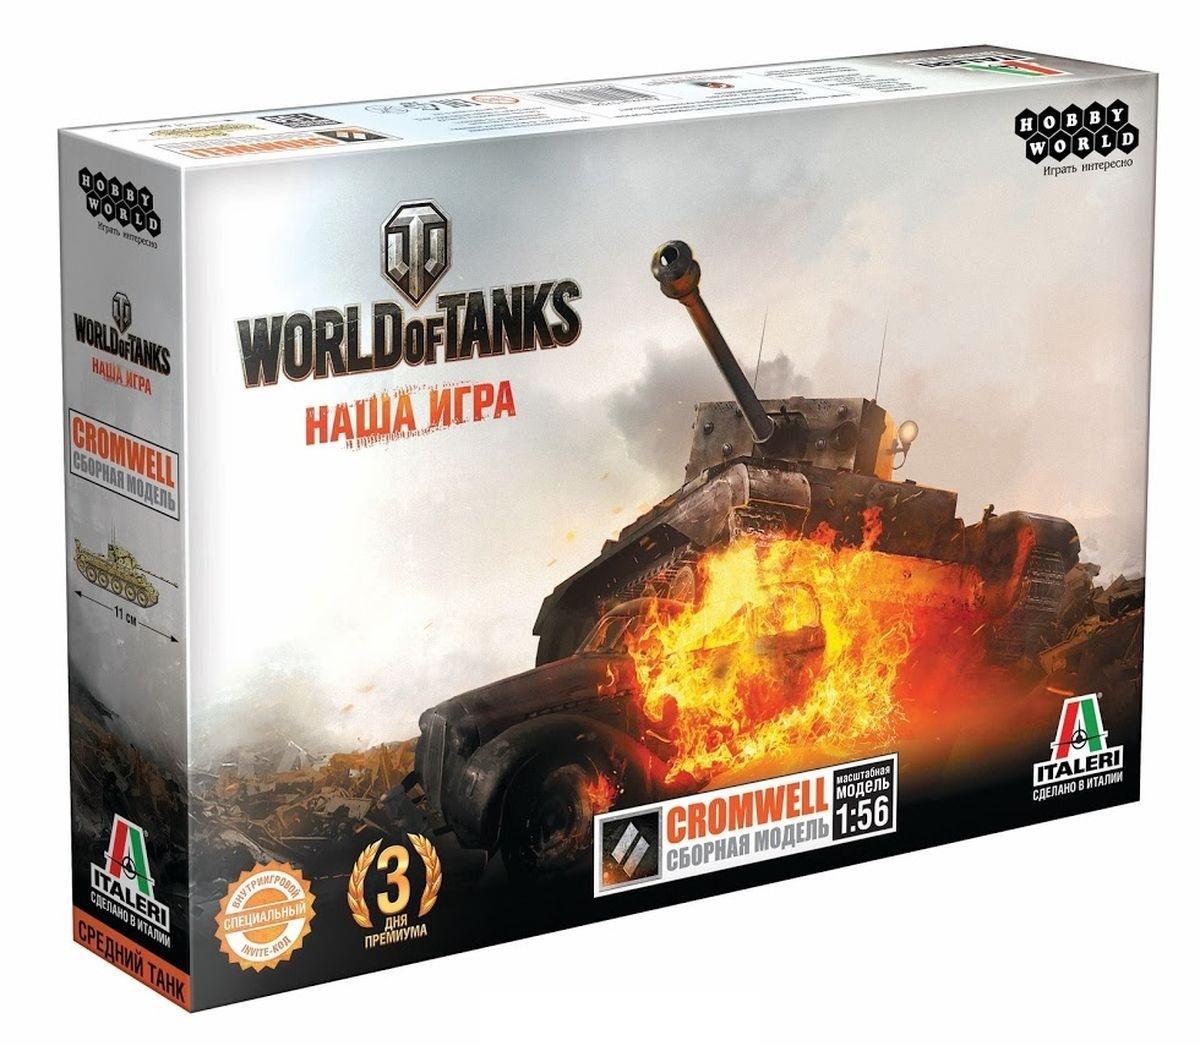 World of Tanks. CROMWELL. Масштабная модель 1 56 (Сборный танк) (2-е рус. изд) как танк в игре world of tanks не прокачивая его